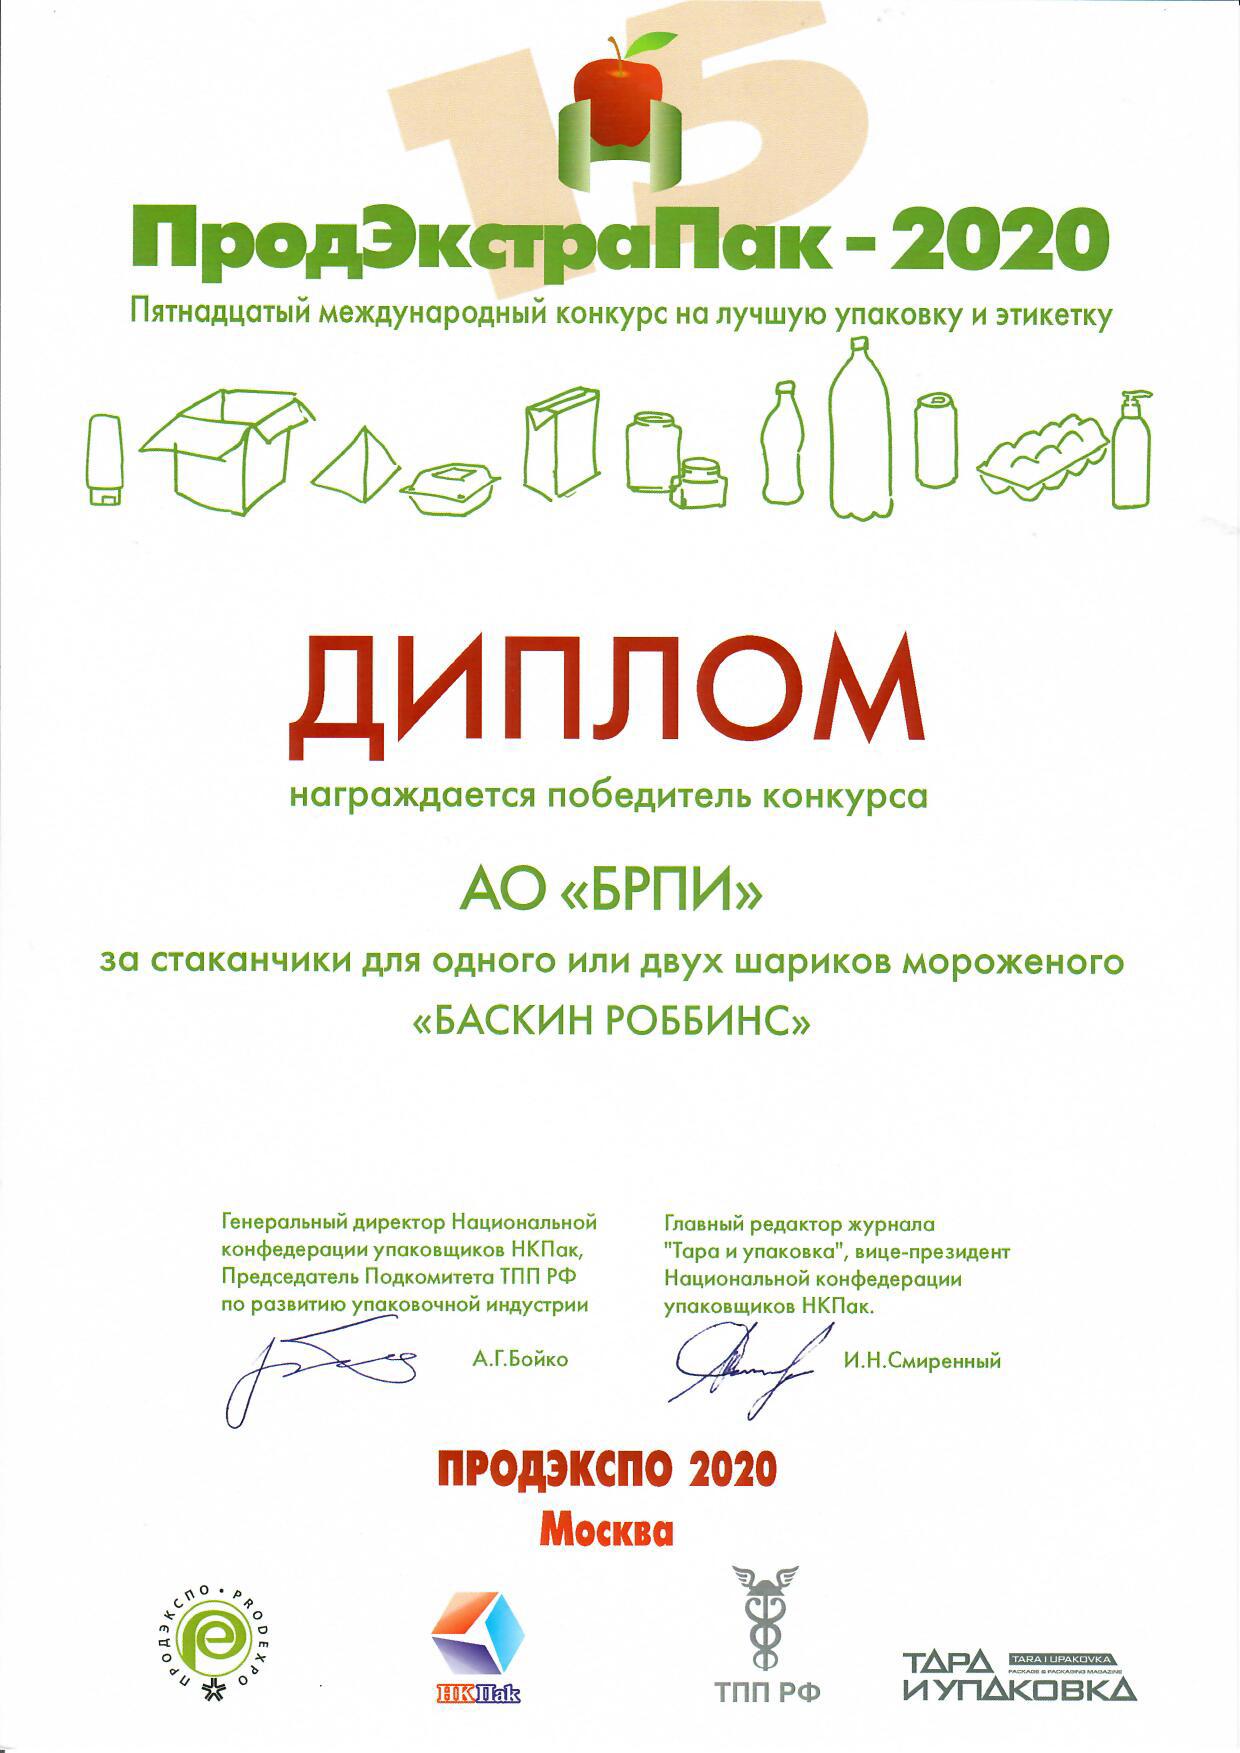 «Баскин Роббинс» — победитель «ПродэкстраПак-2020» #Moskva